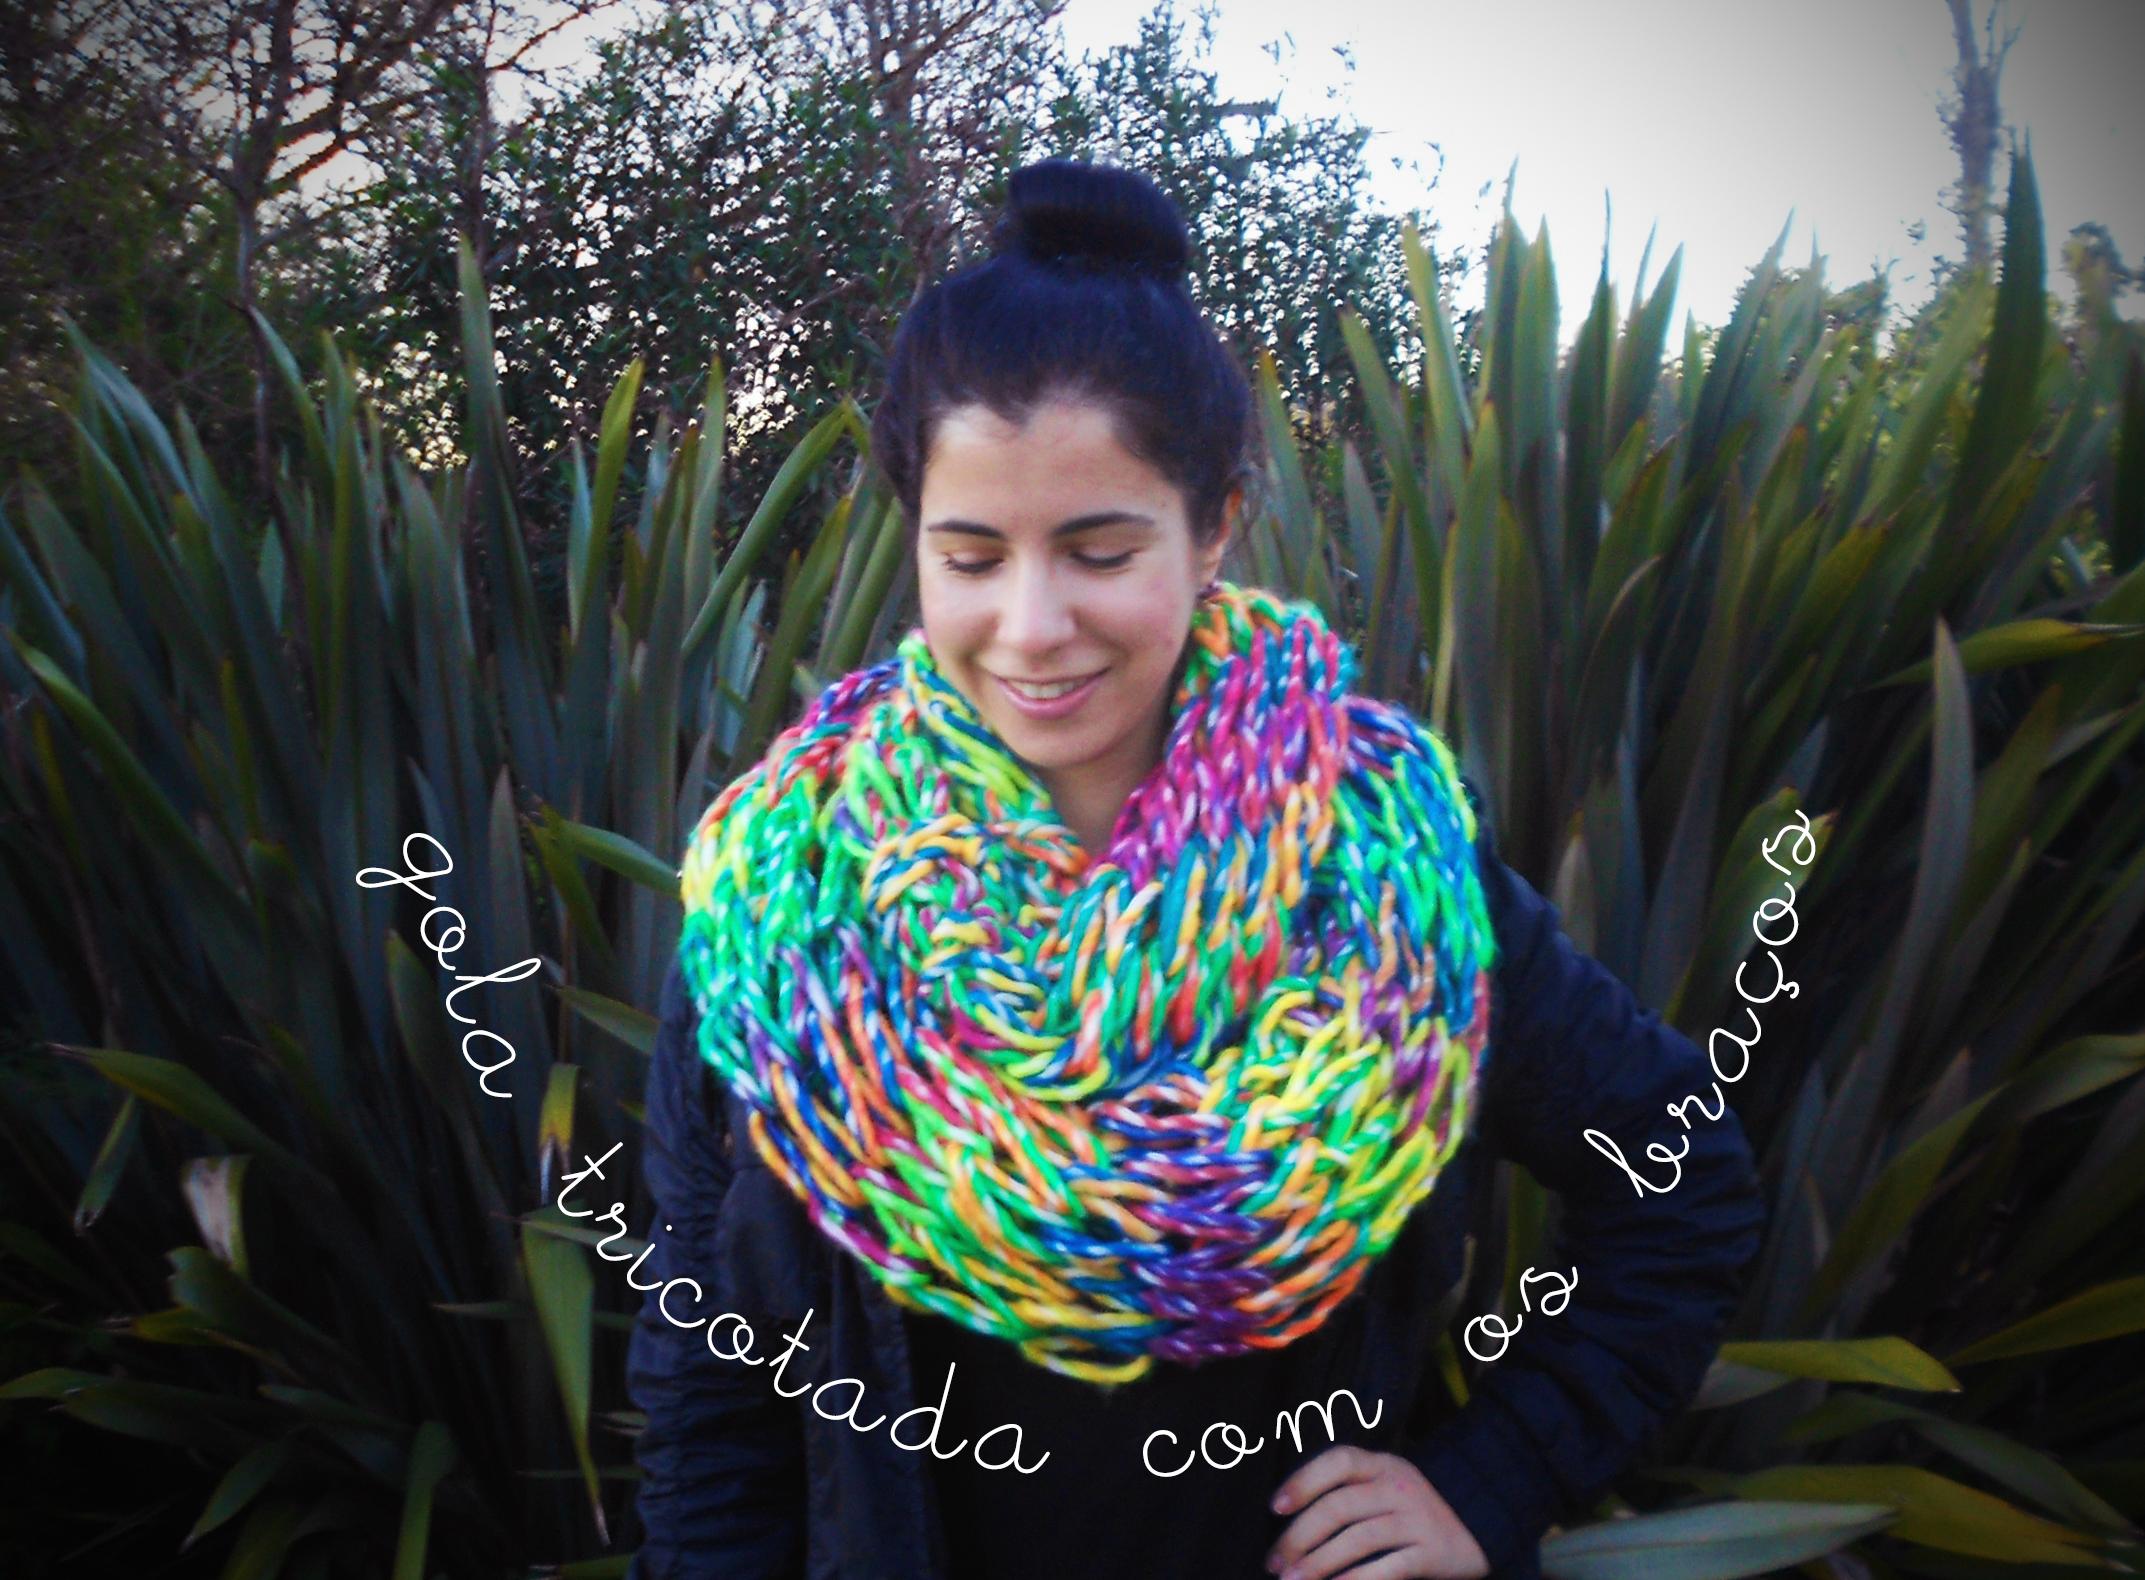 tricot tricô com as mãos braços cachecol diy gola infinita fashion moda handmade feito à mão lotd ootd look do dia